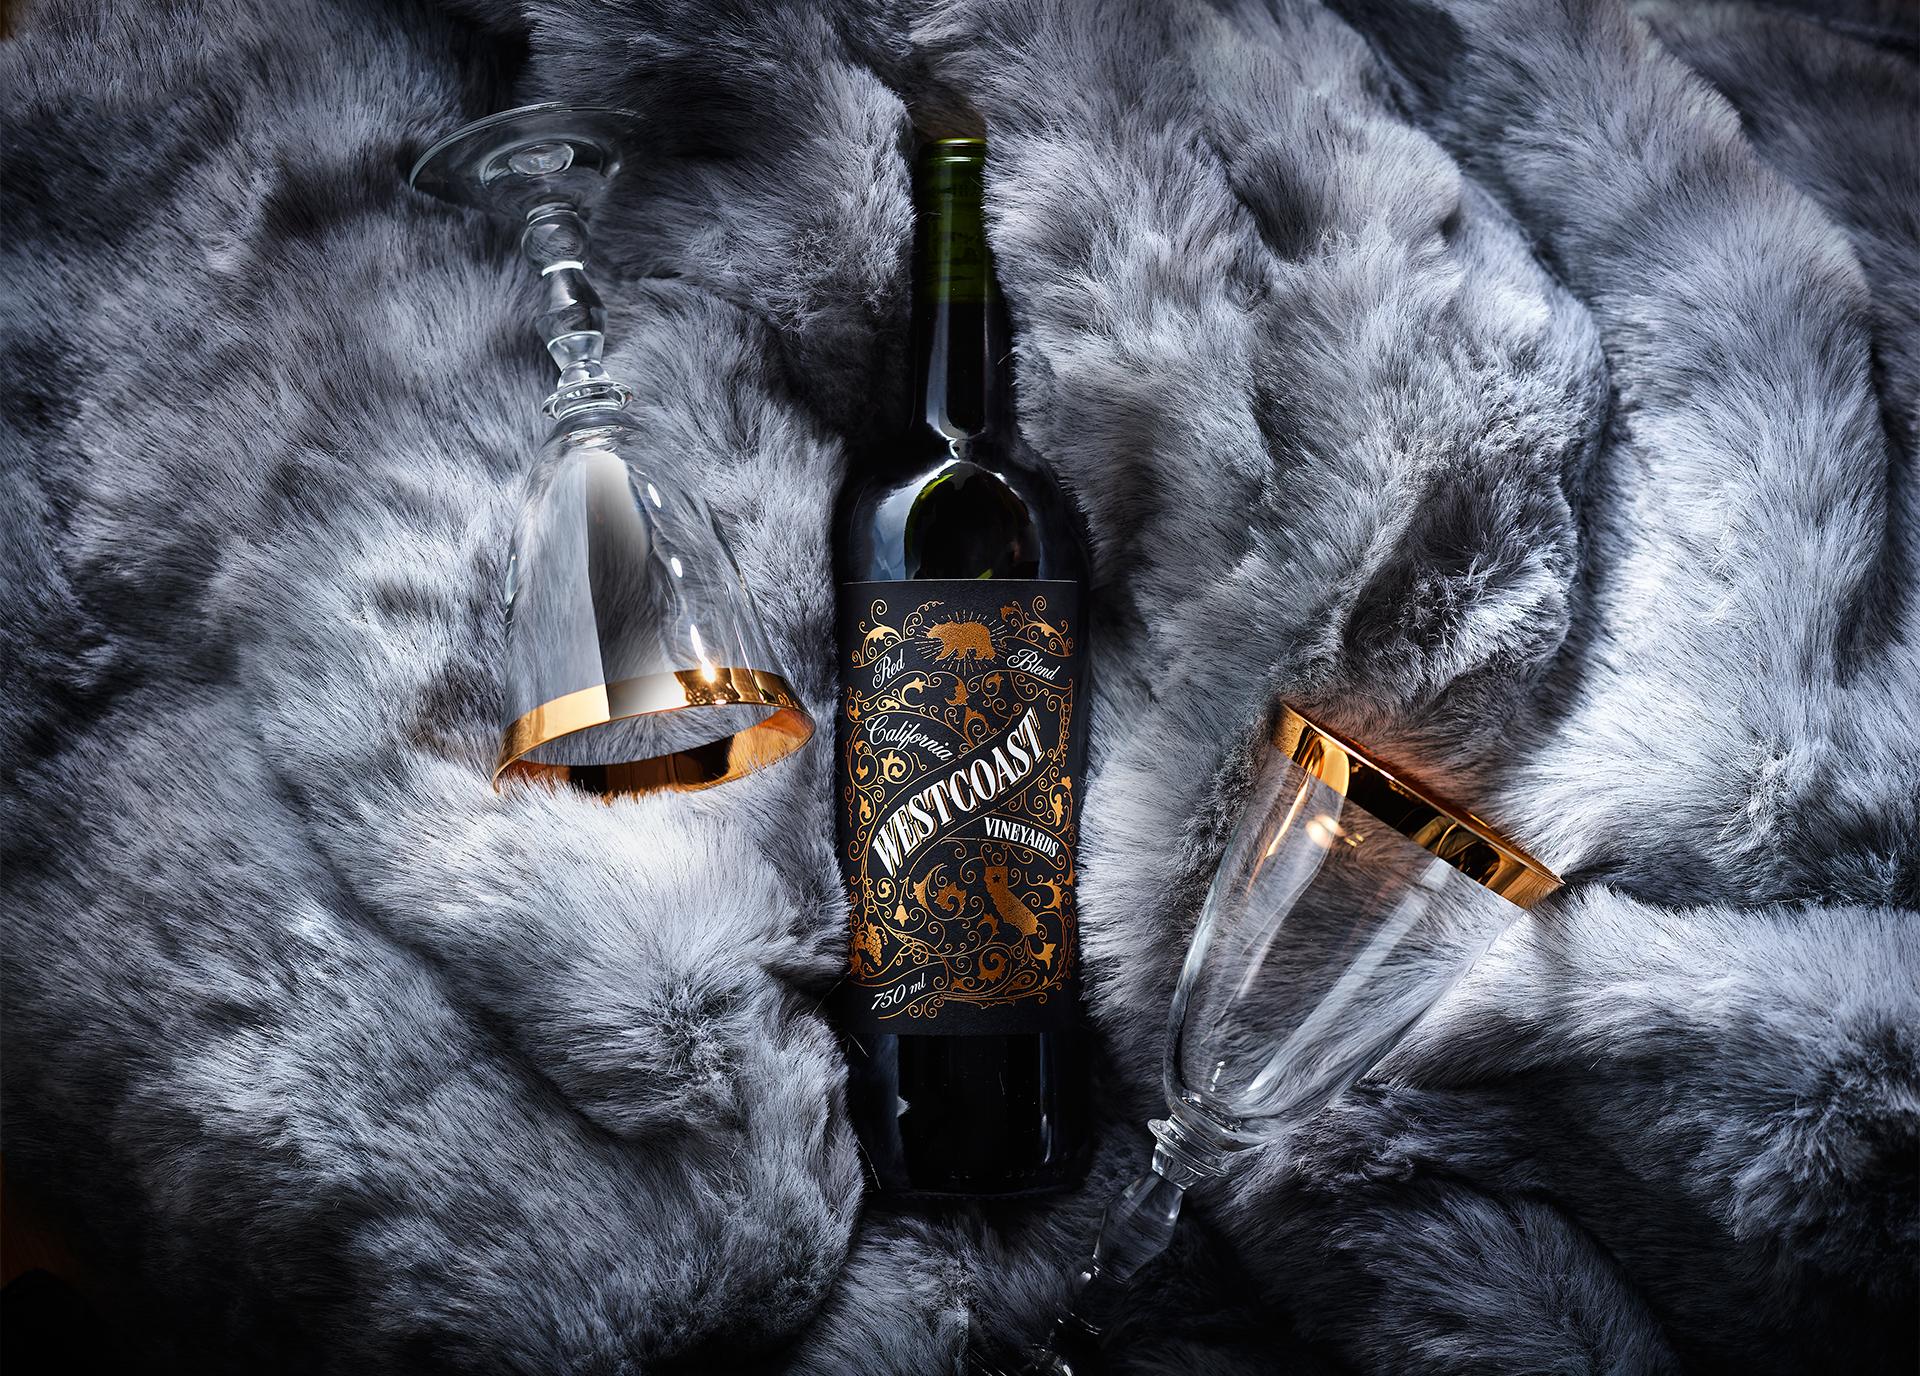 photographe-bouteilles-vin-instagram-tango-photographie